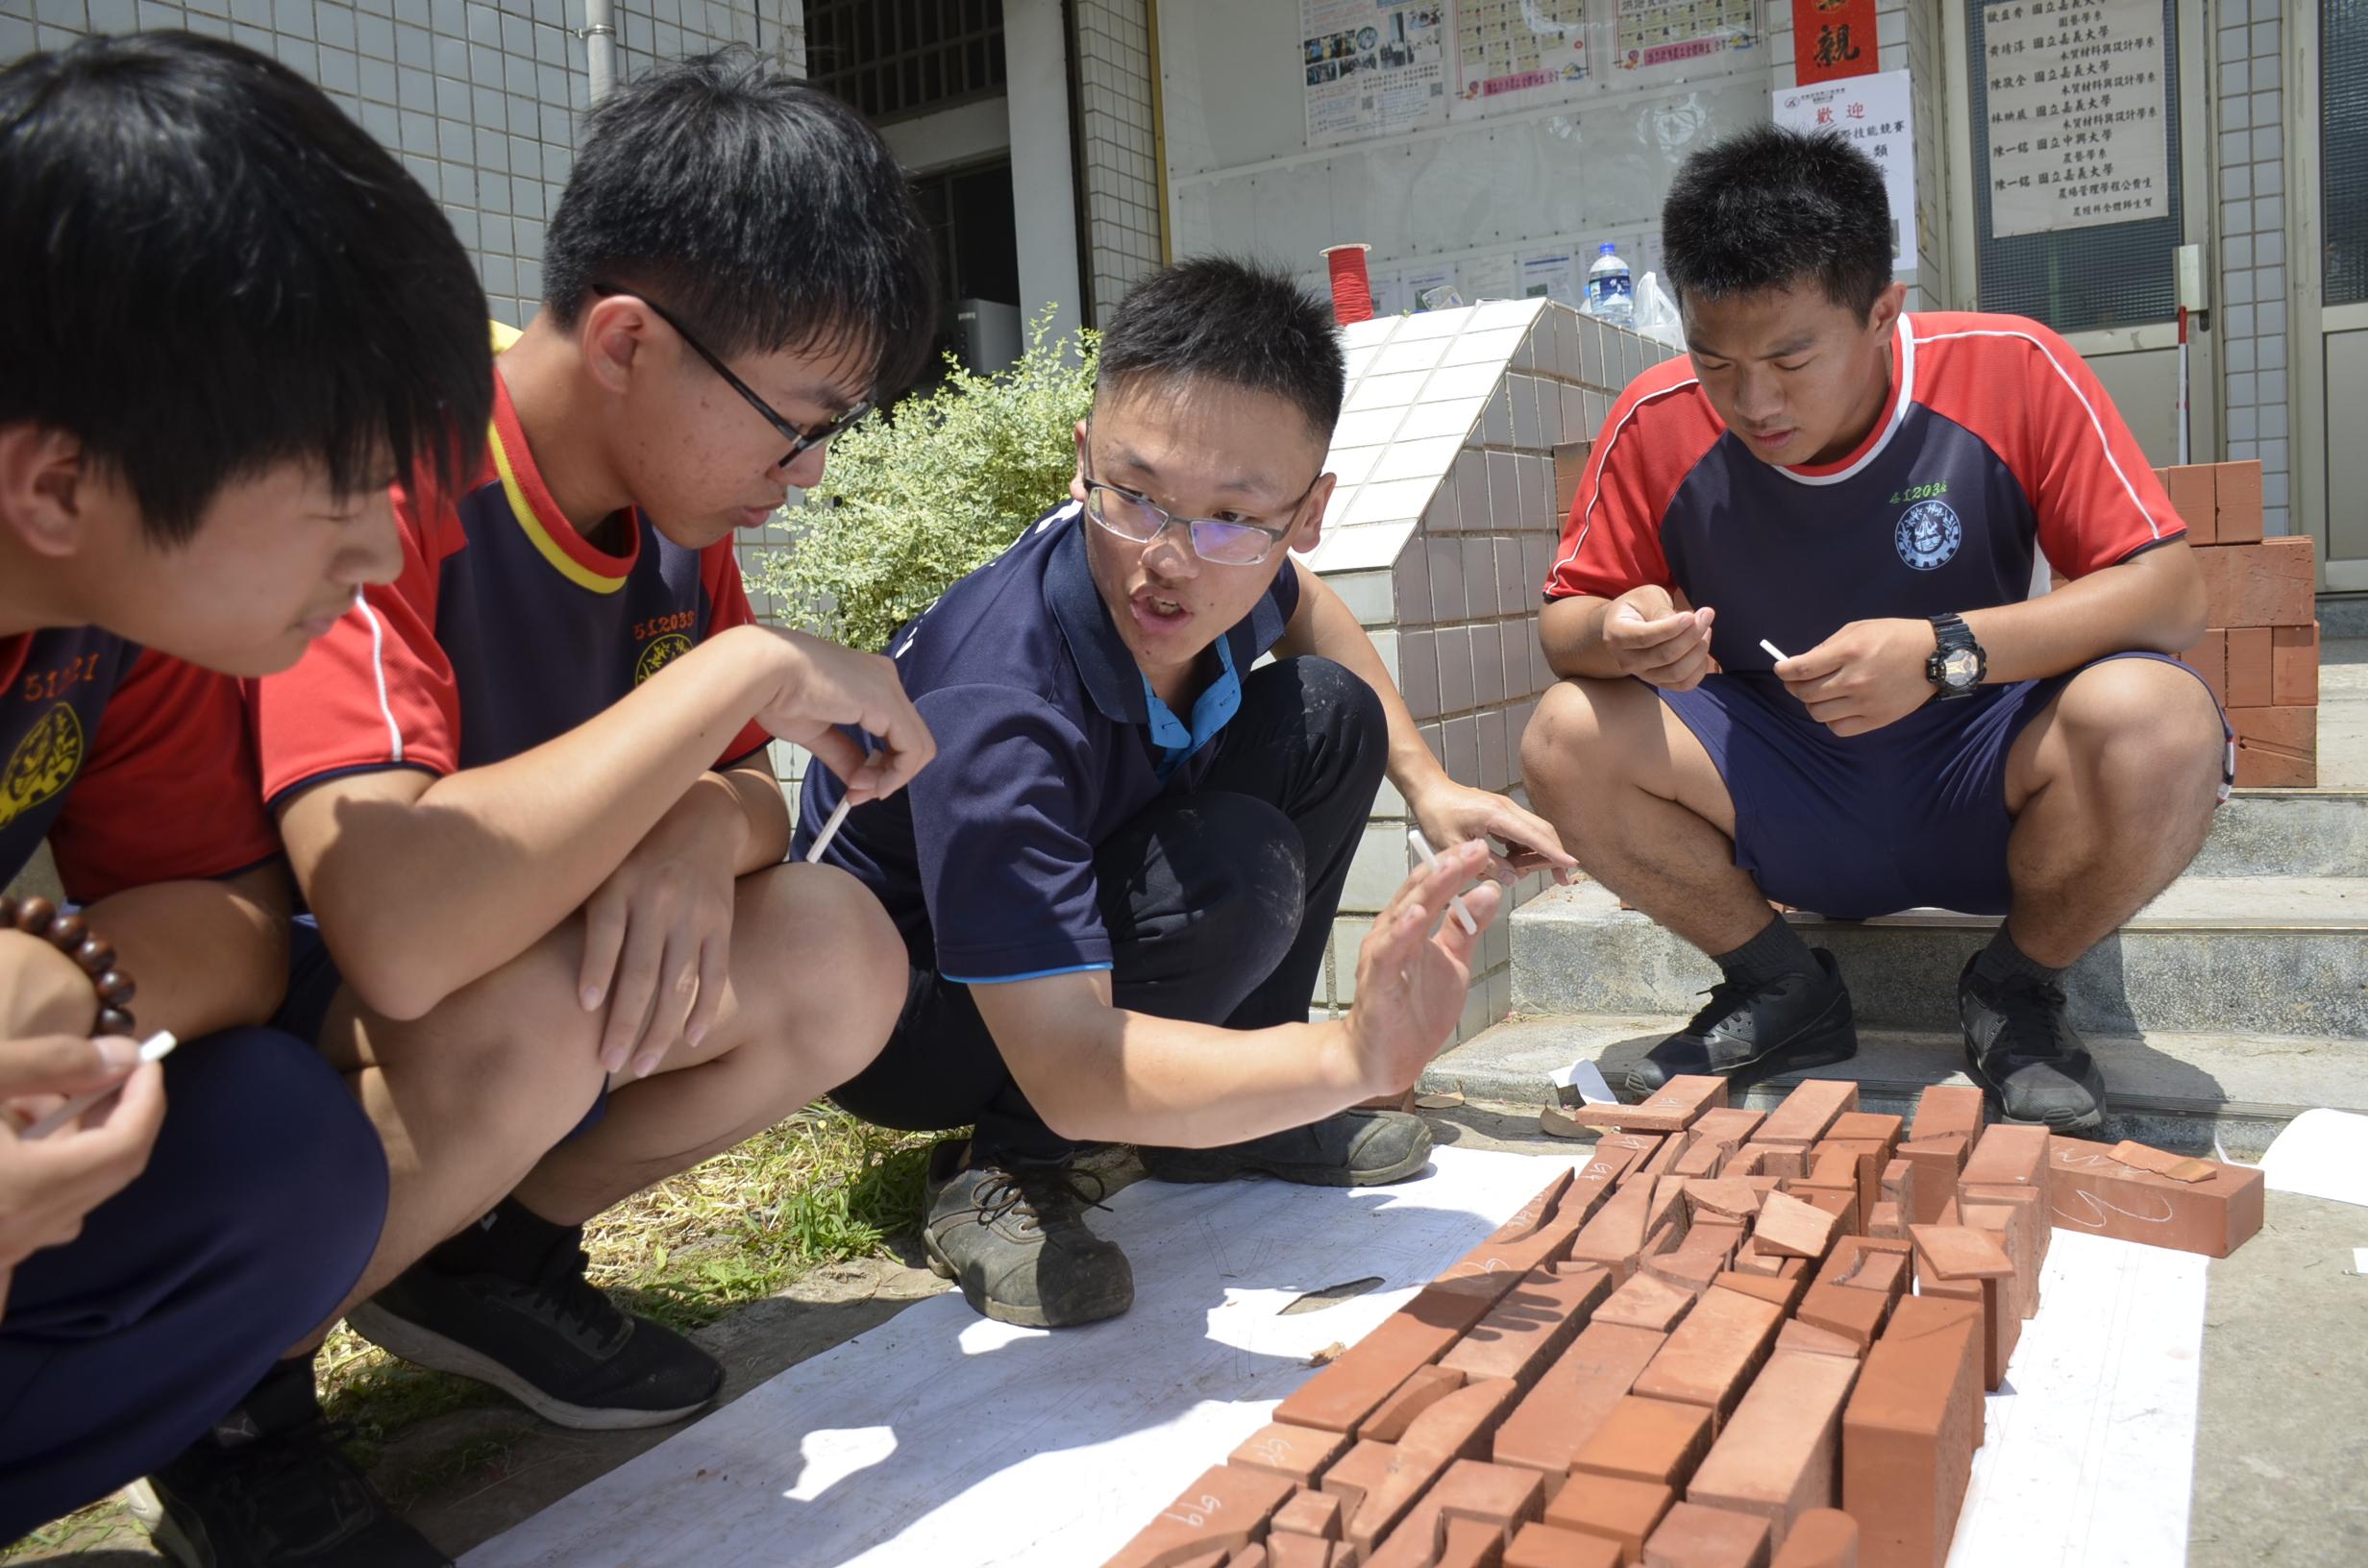 技能國手分享經驗 鼓勵學子勇敢追夢